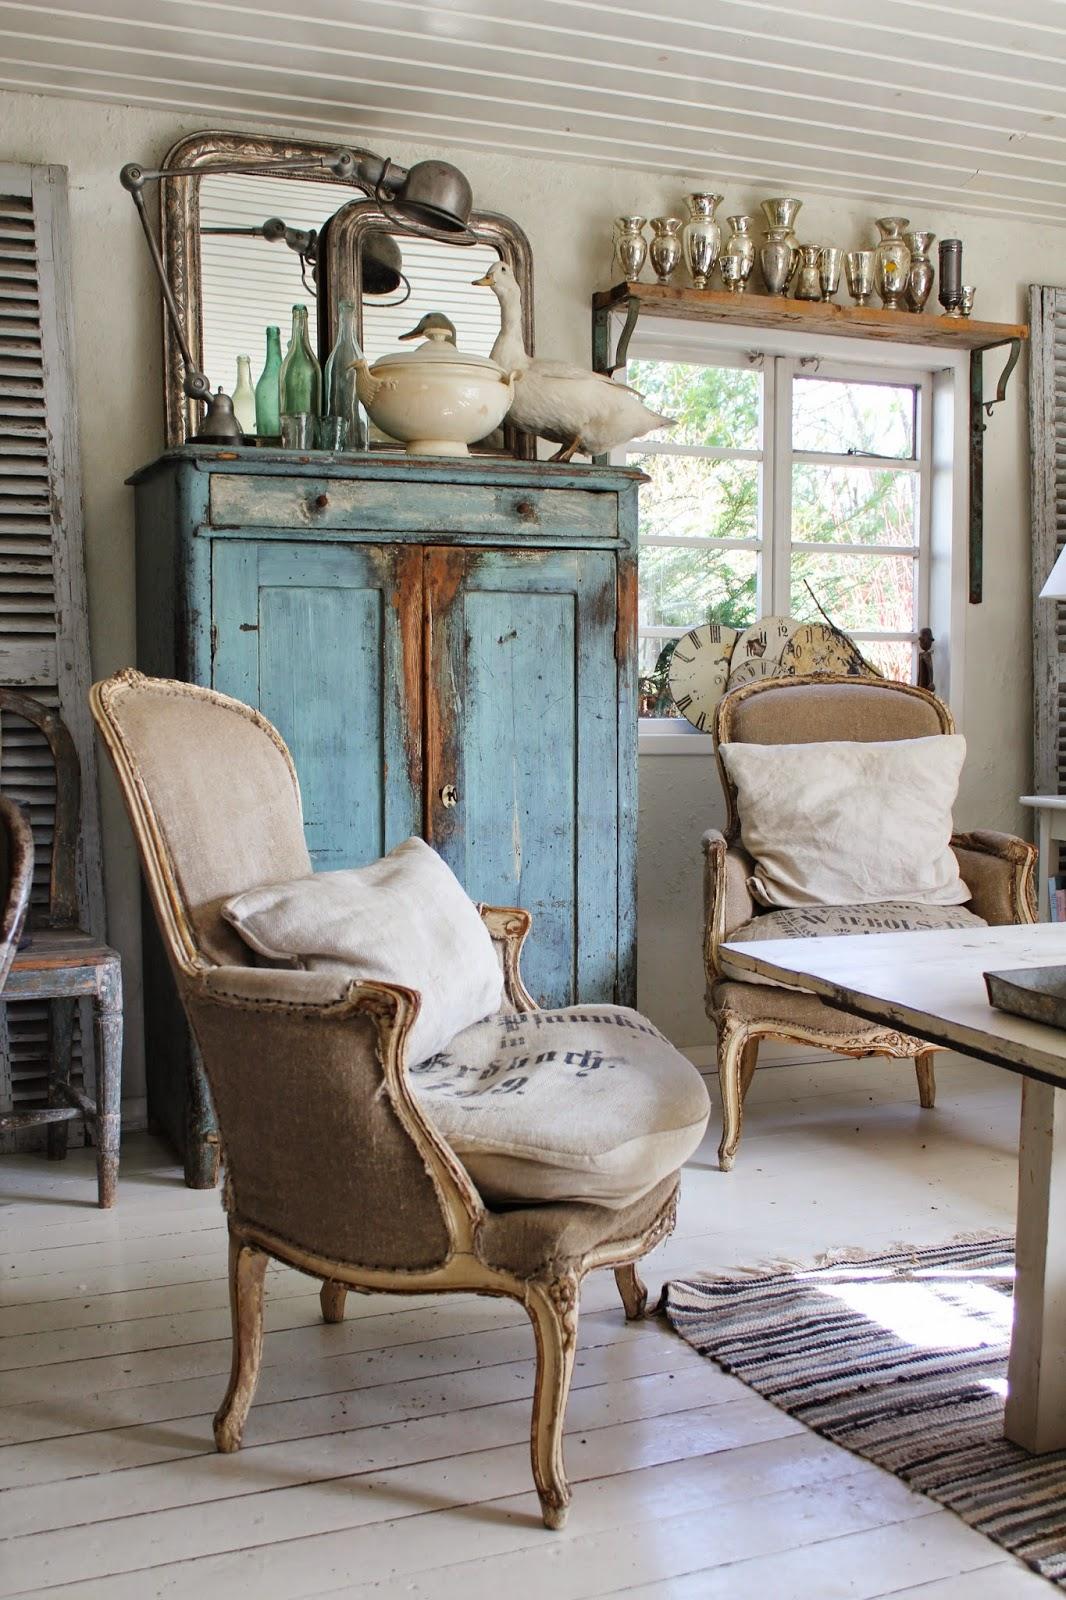 fransk indretning K&Co. Antiques´s indretnings blog.: Sommerhus indretning med  fransk indretning